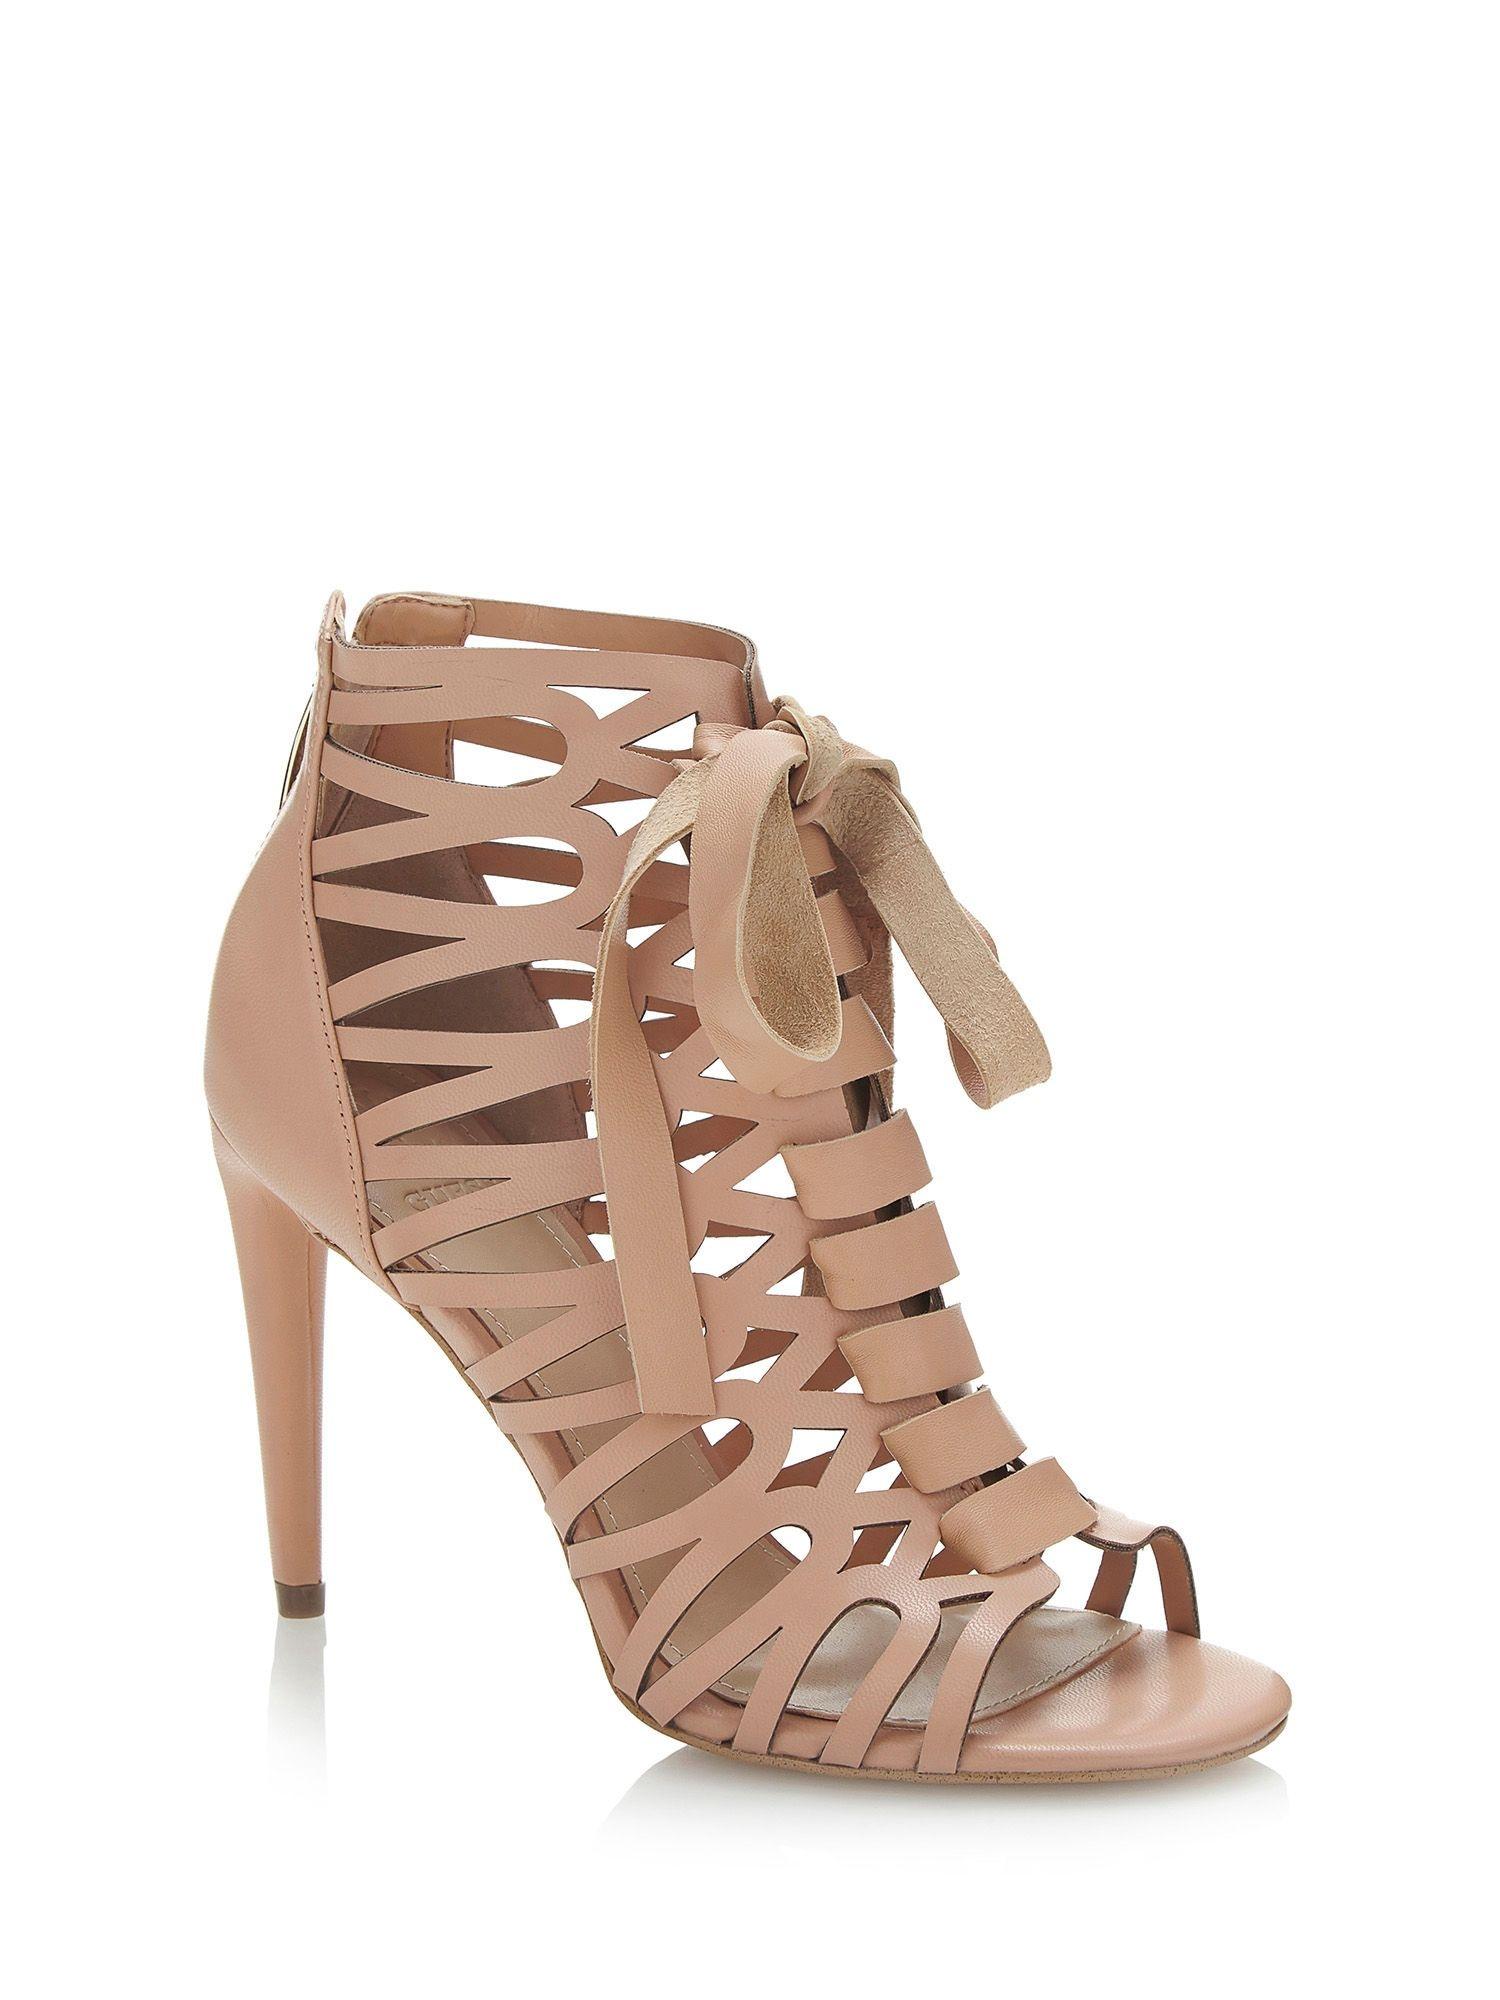 Guess Sandalette Sandalette Sandalette bequem | imwalking.de bef8aa